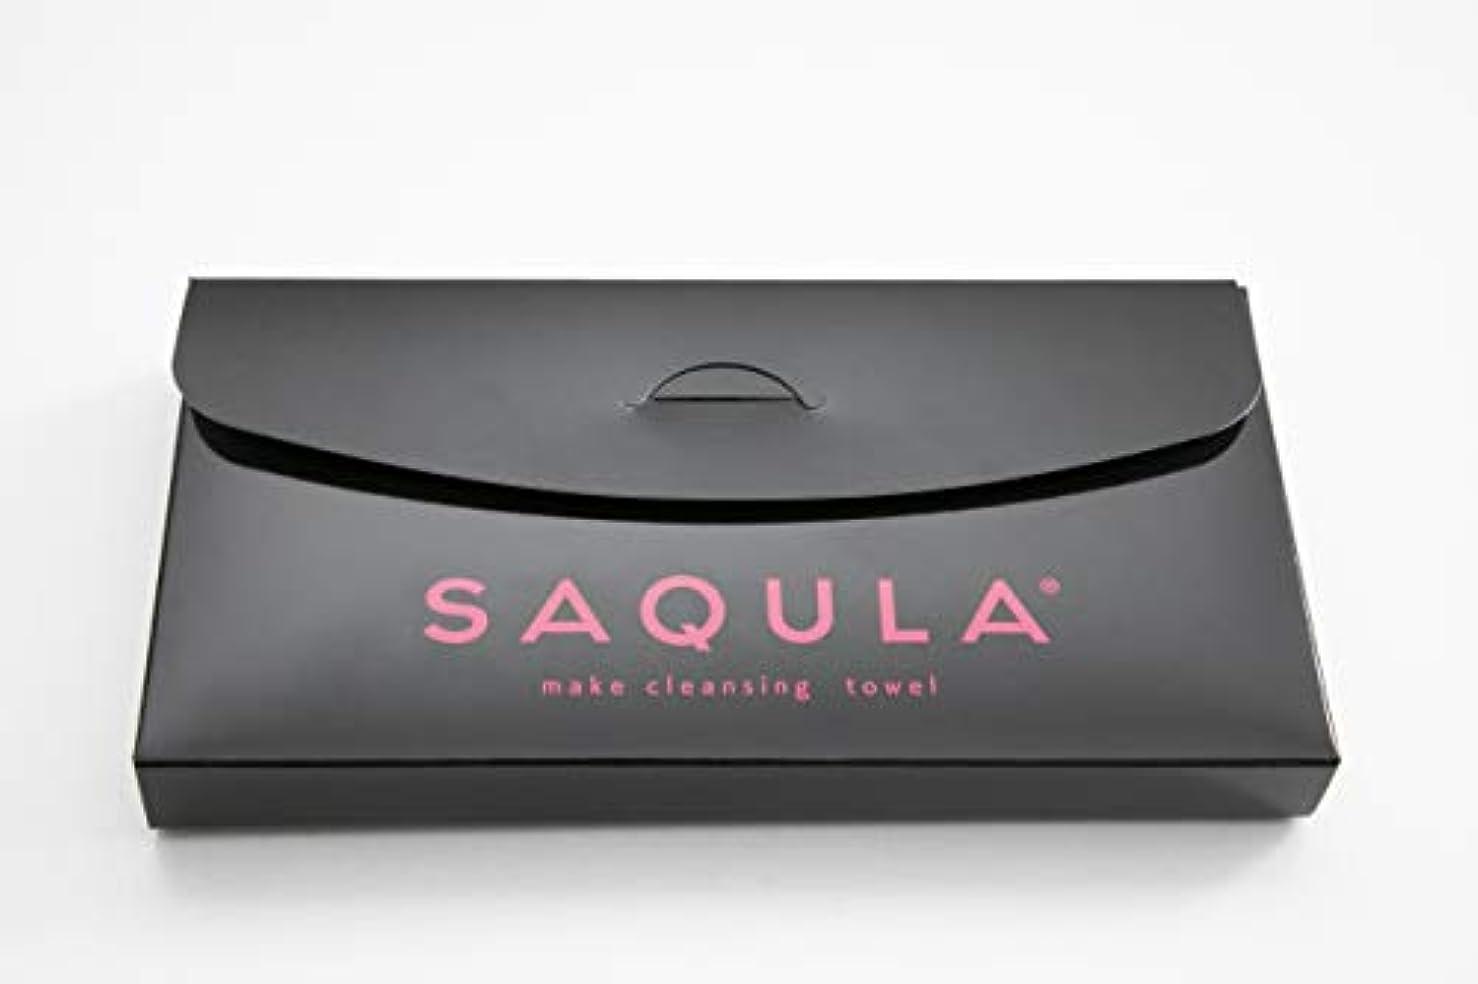 キネマティクス社説あいまいさSAQULA クレンジングタオル ピンク テレビで紹介された 水に濡らして拭くだけで簡単にメイクが落とせるクレンジングタオル